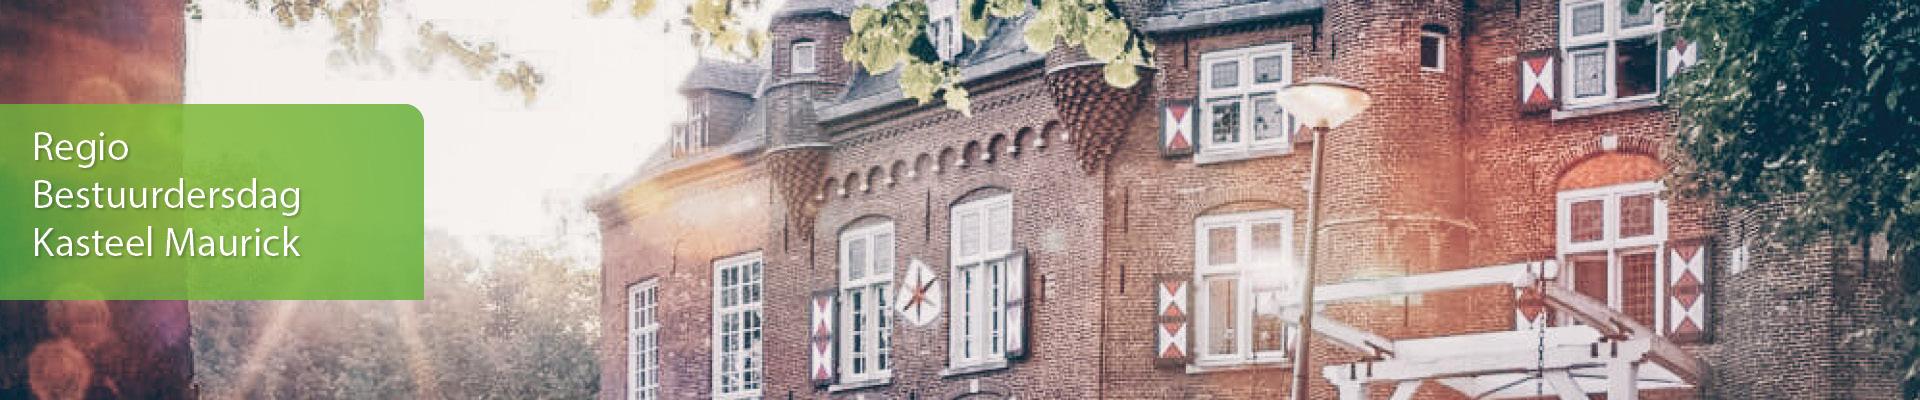 Regio bestuurdersdag kasteel Maurick 7 september